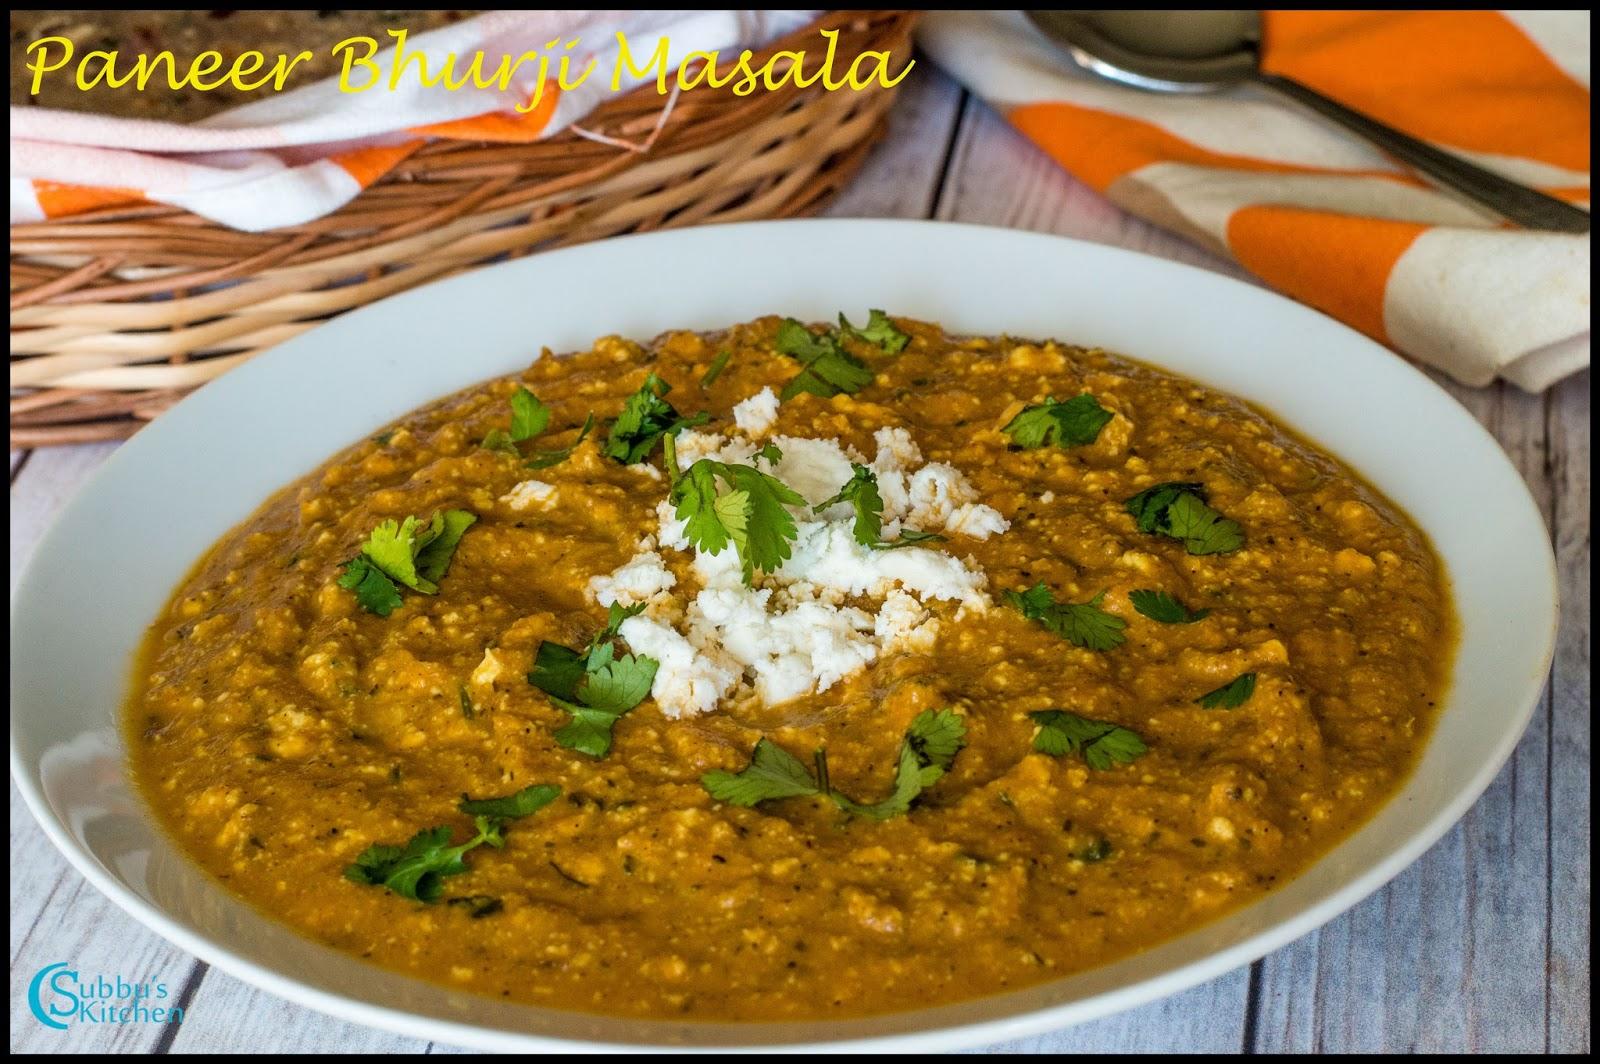 Paneer bhurji recipe how to make dry paneer bhurji recipe